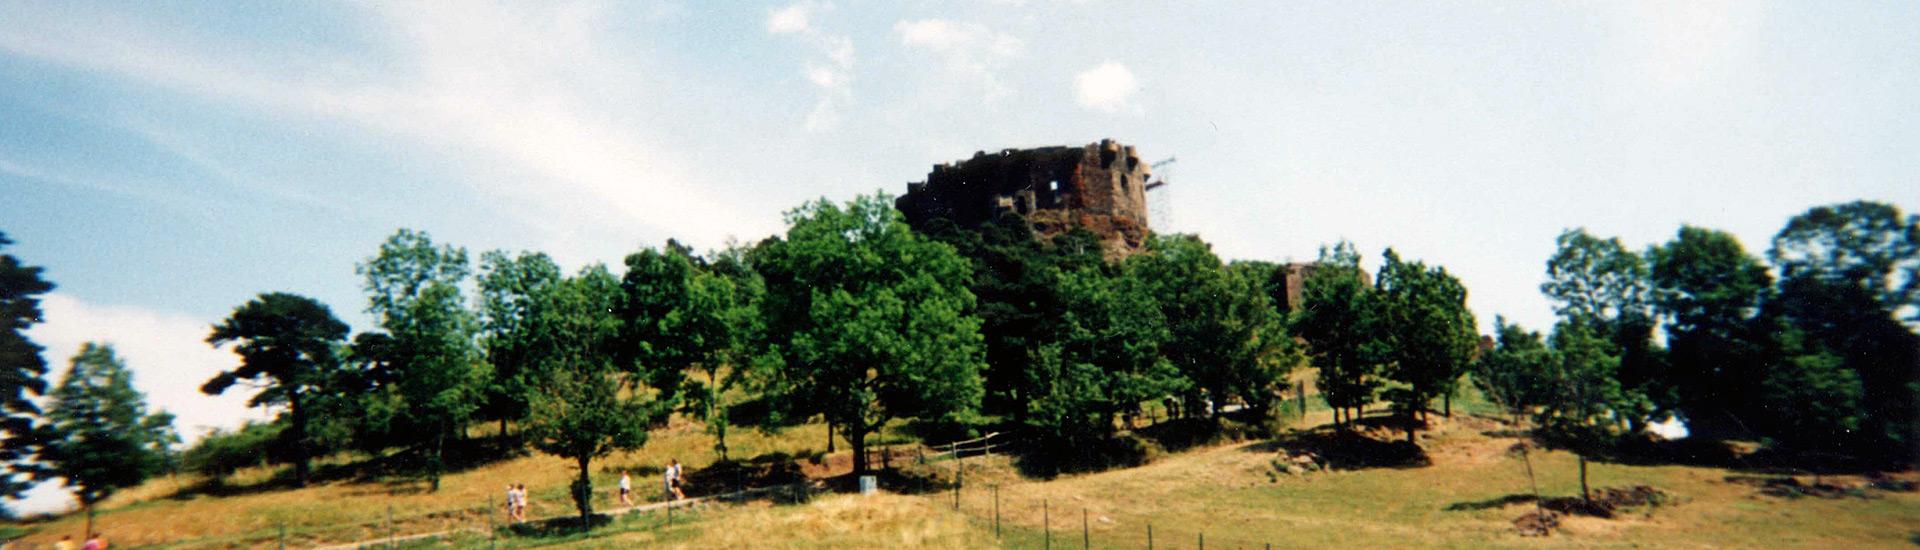 Château de Murol